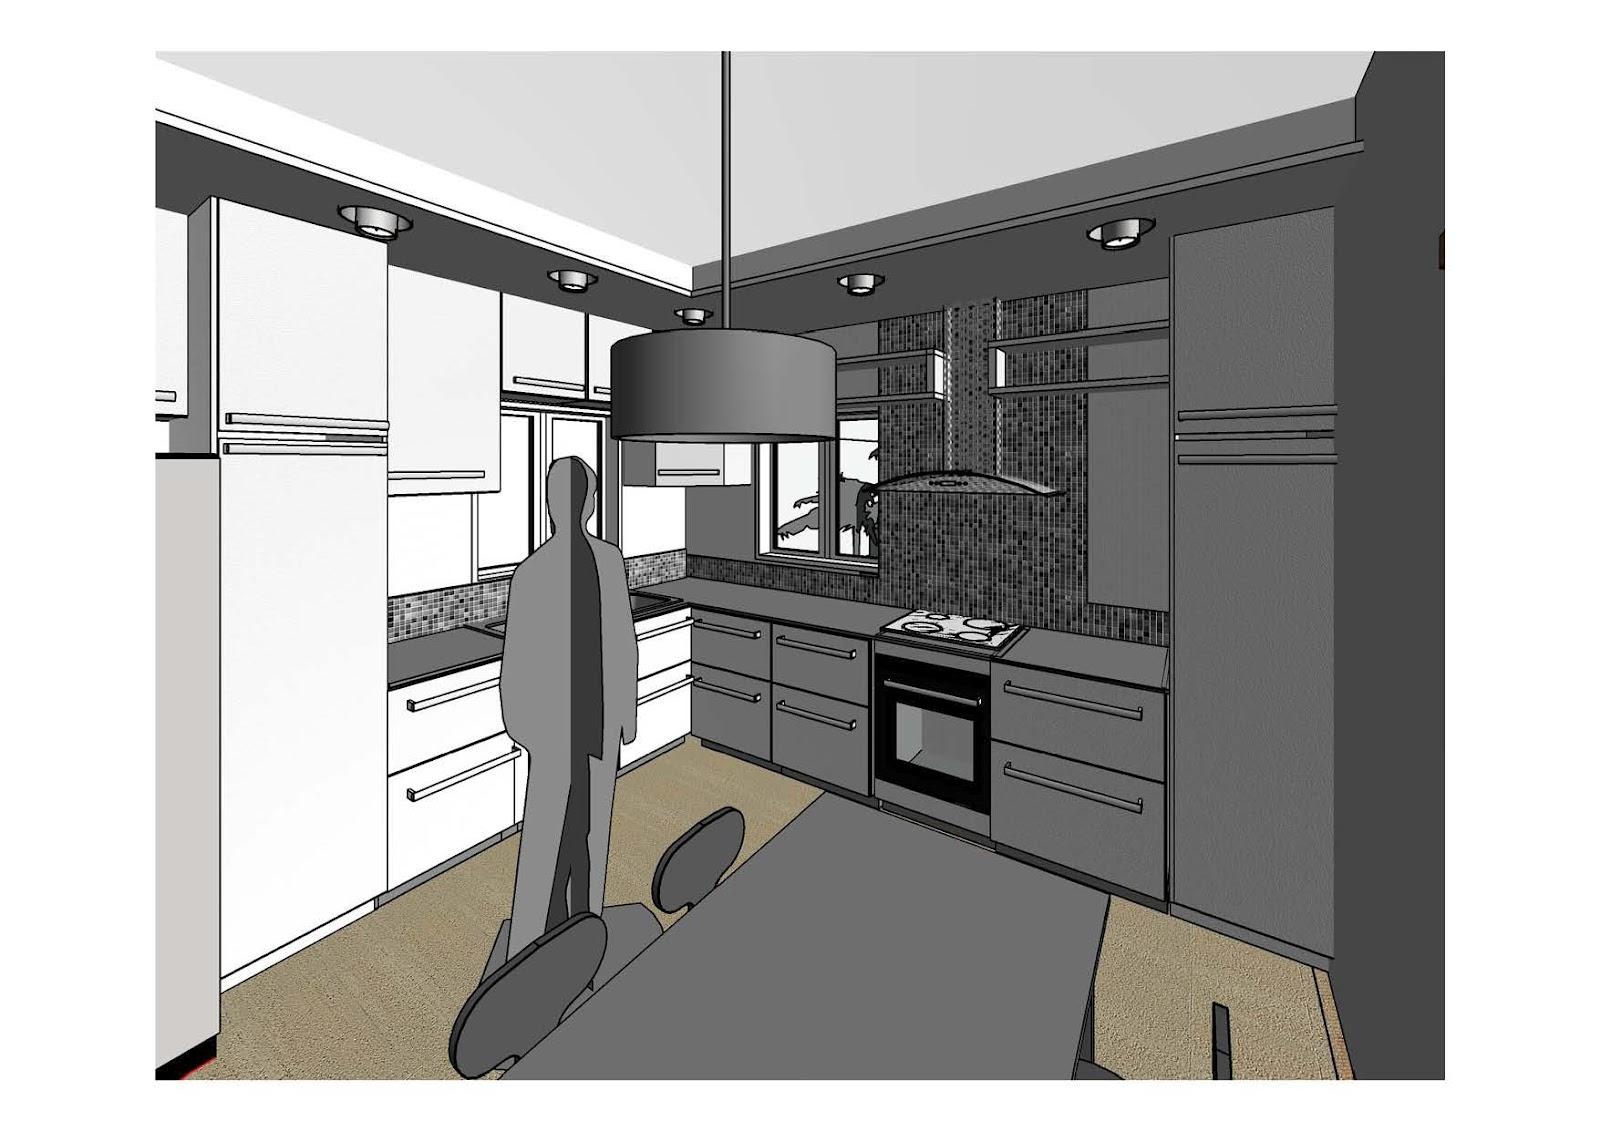 #7F674C PROJETOS DE COZINHA 4d Projetos Arquitetura Sustentável 1600x1131 px Projetos De Cozinhas   Arquitetura #419 imagens